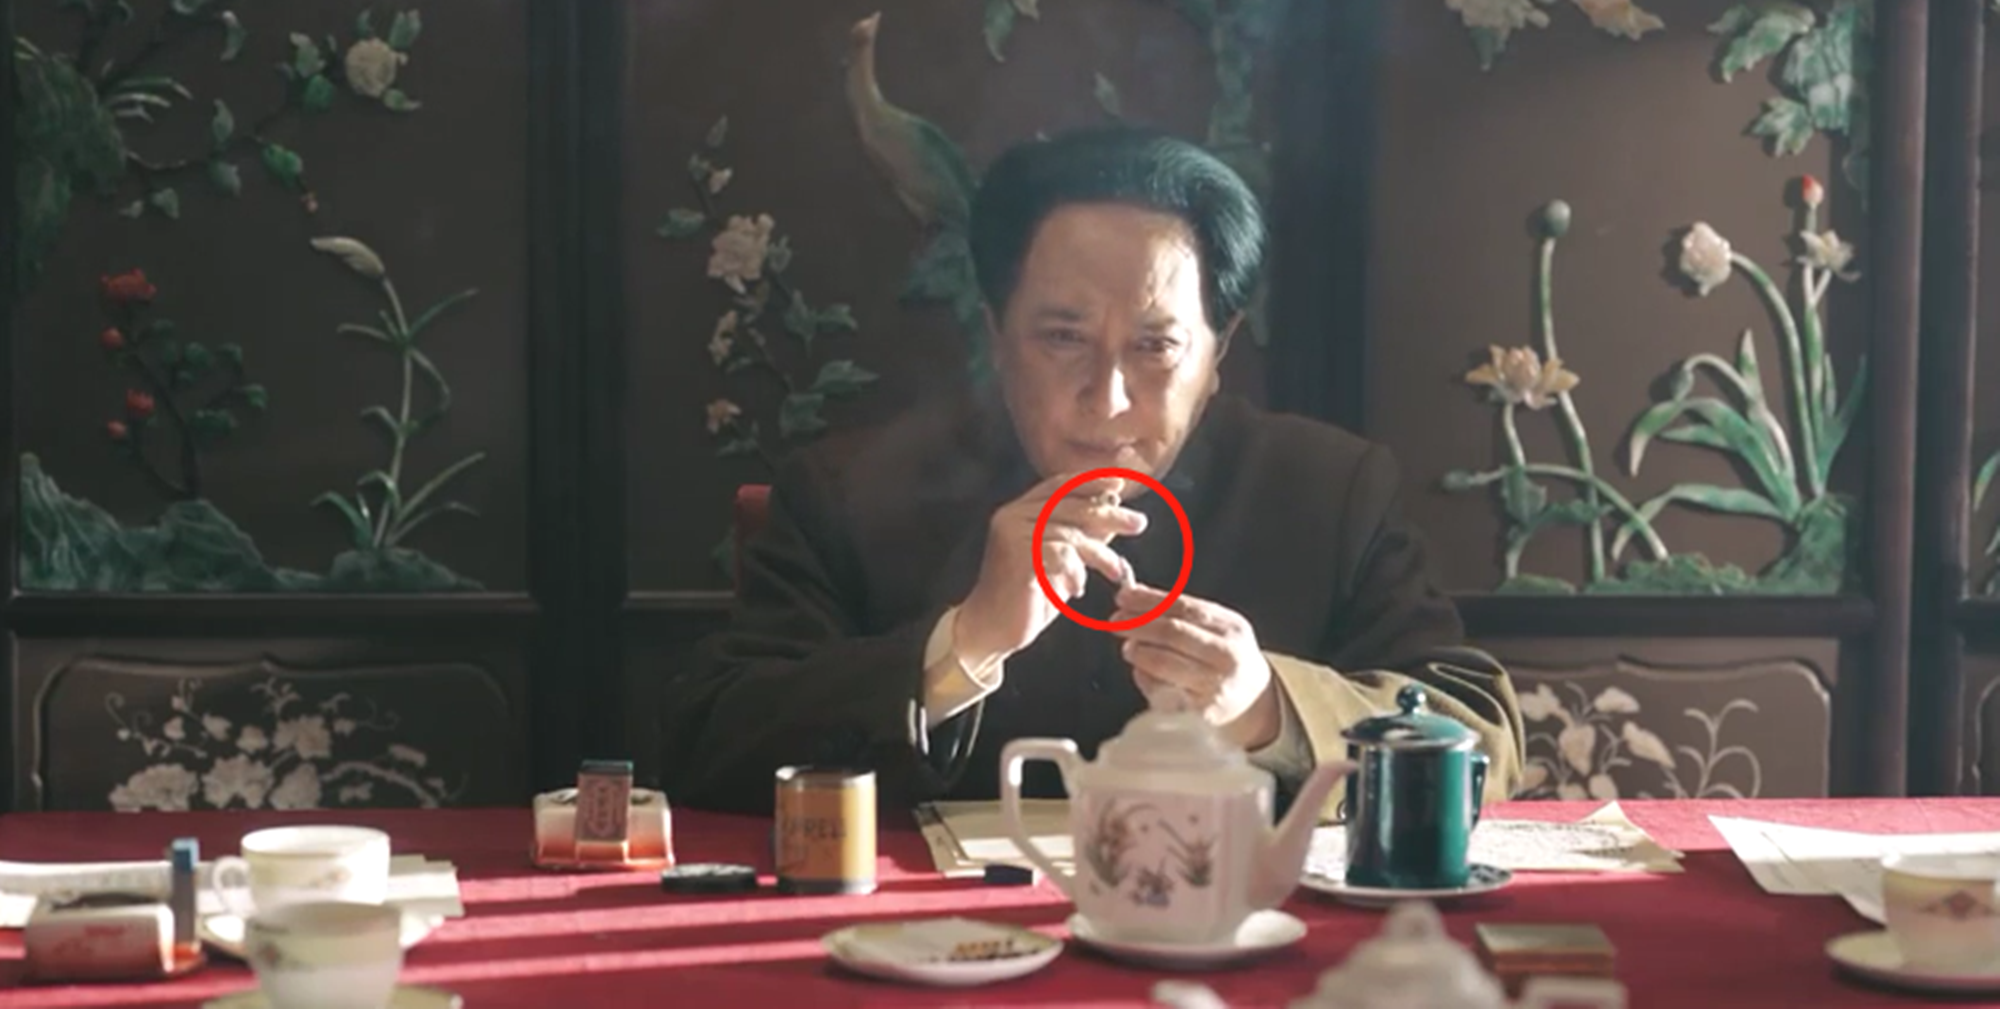 连毛主席一个烟盒都还原得一模一样,《长津湖》10大细节堪称神迹